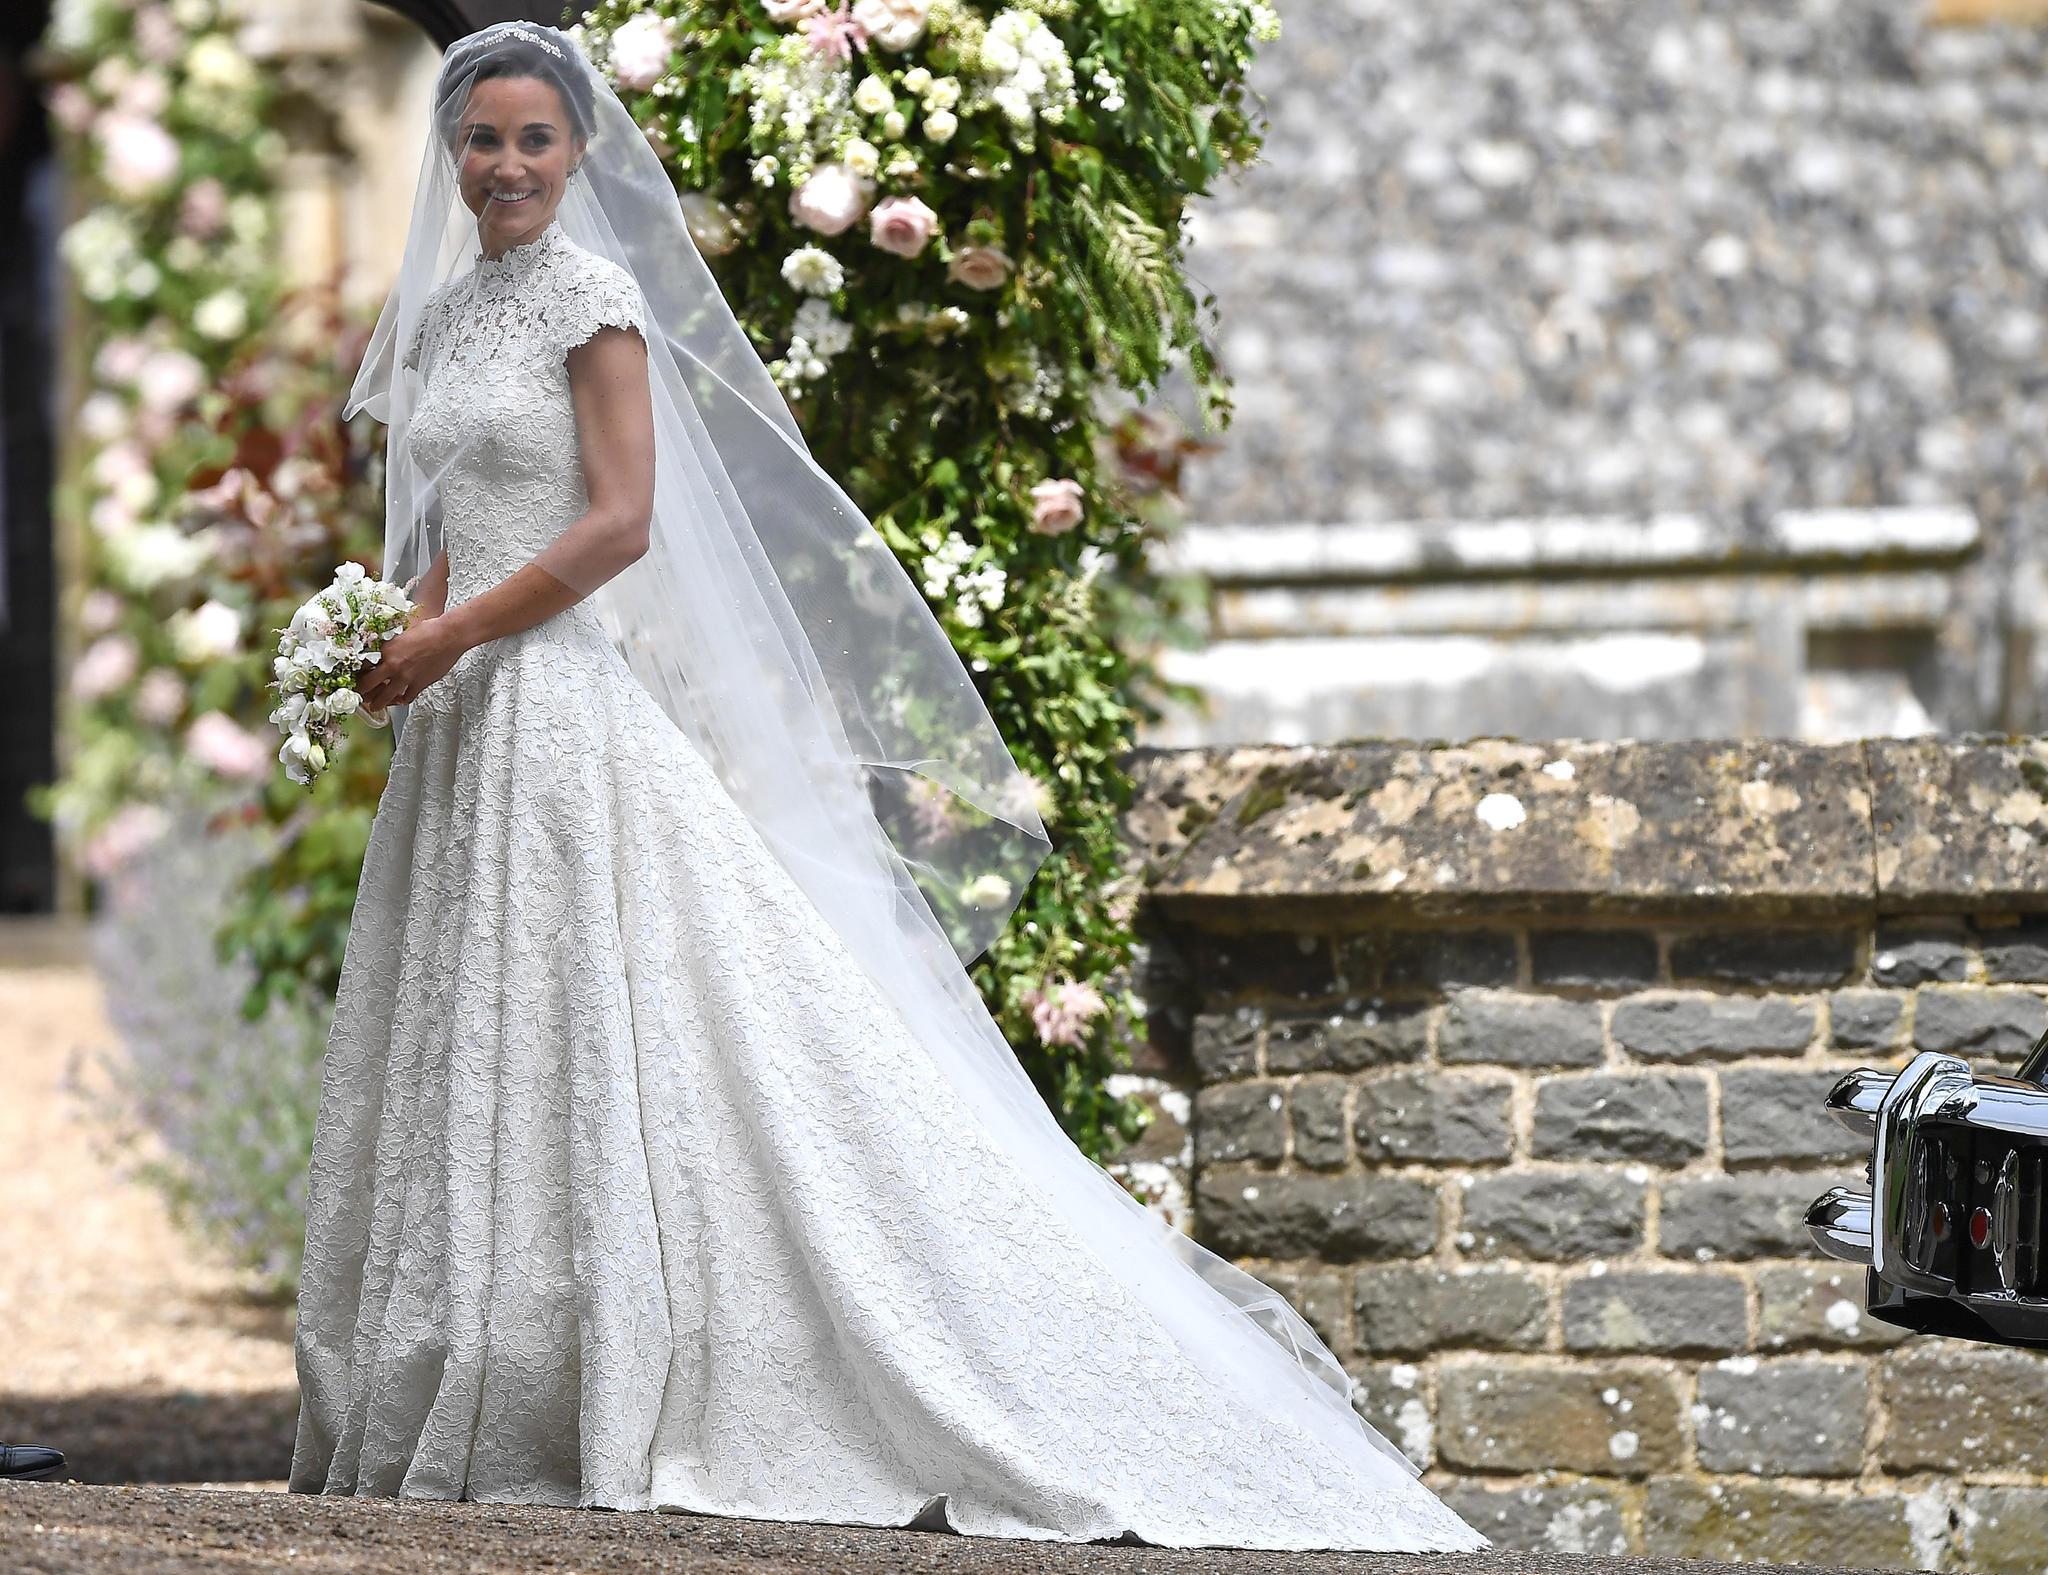 Brautkleid von Pippa Middleton: Günstige Alternativen für jeden ...